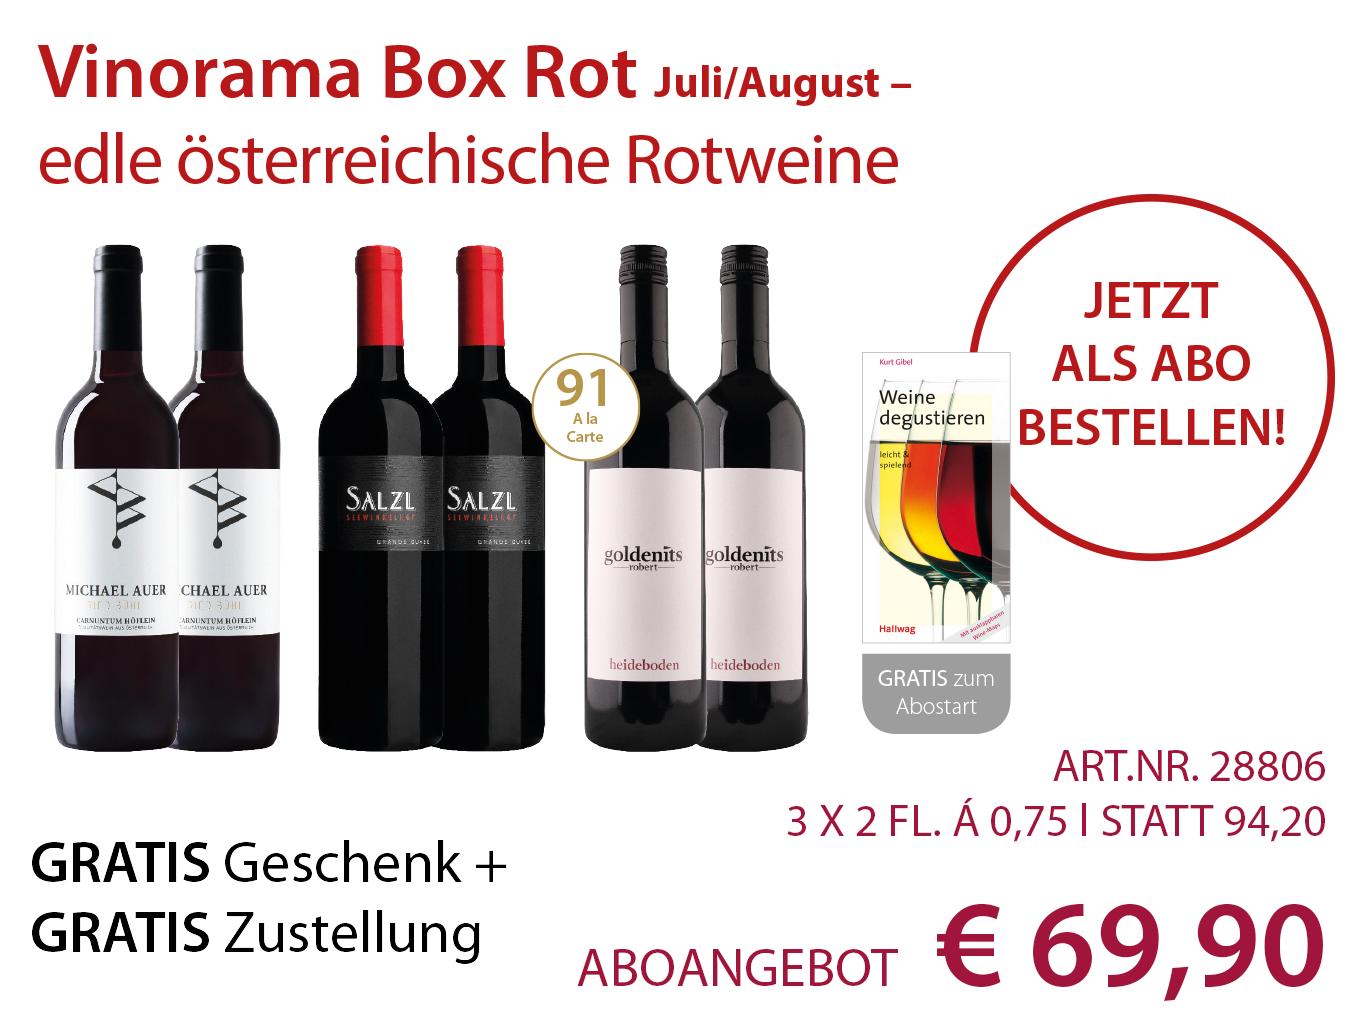 Vinorama Box Rot Abo